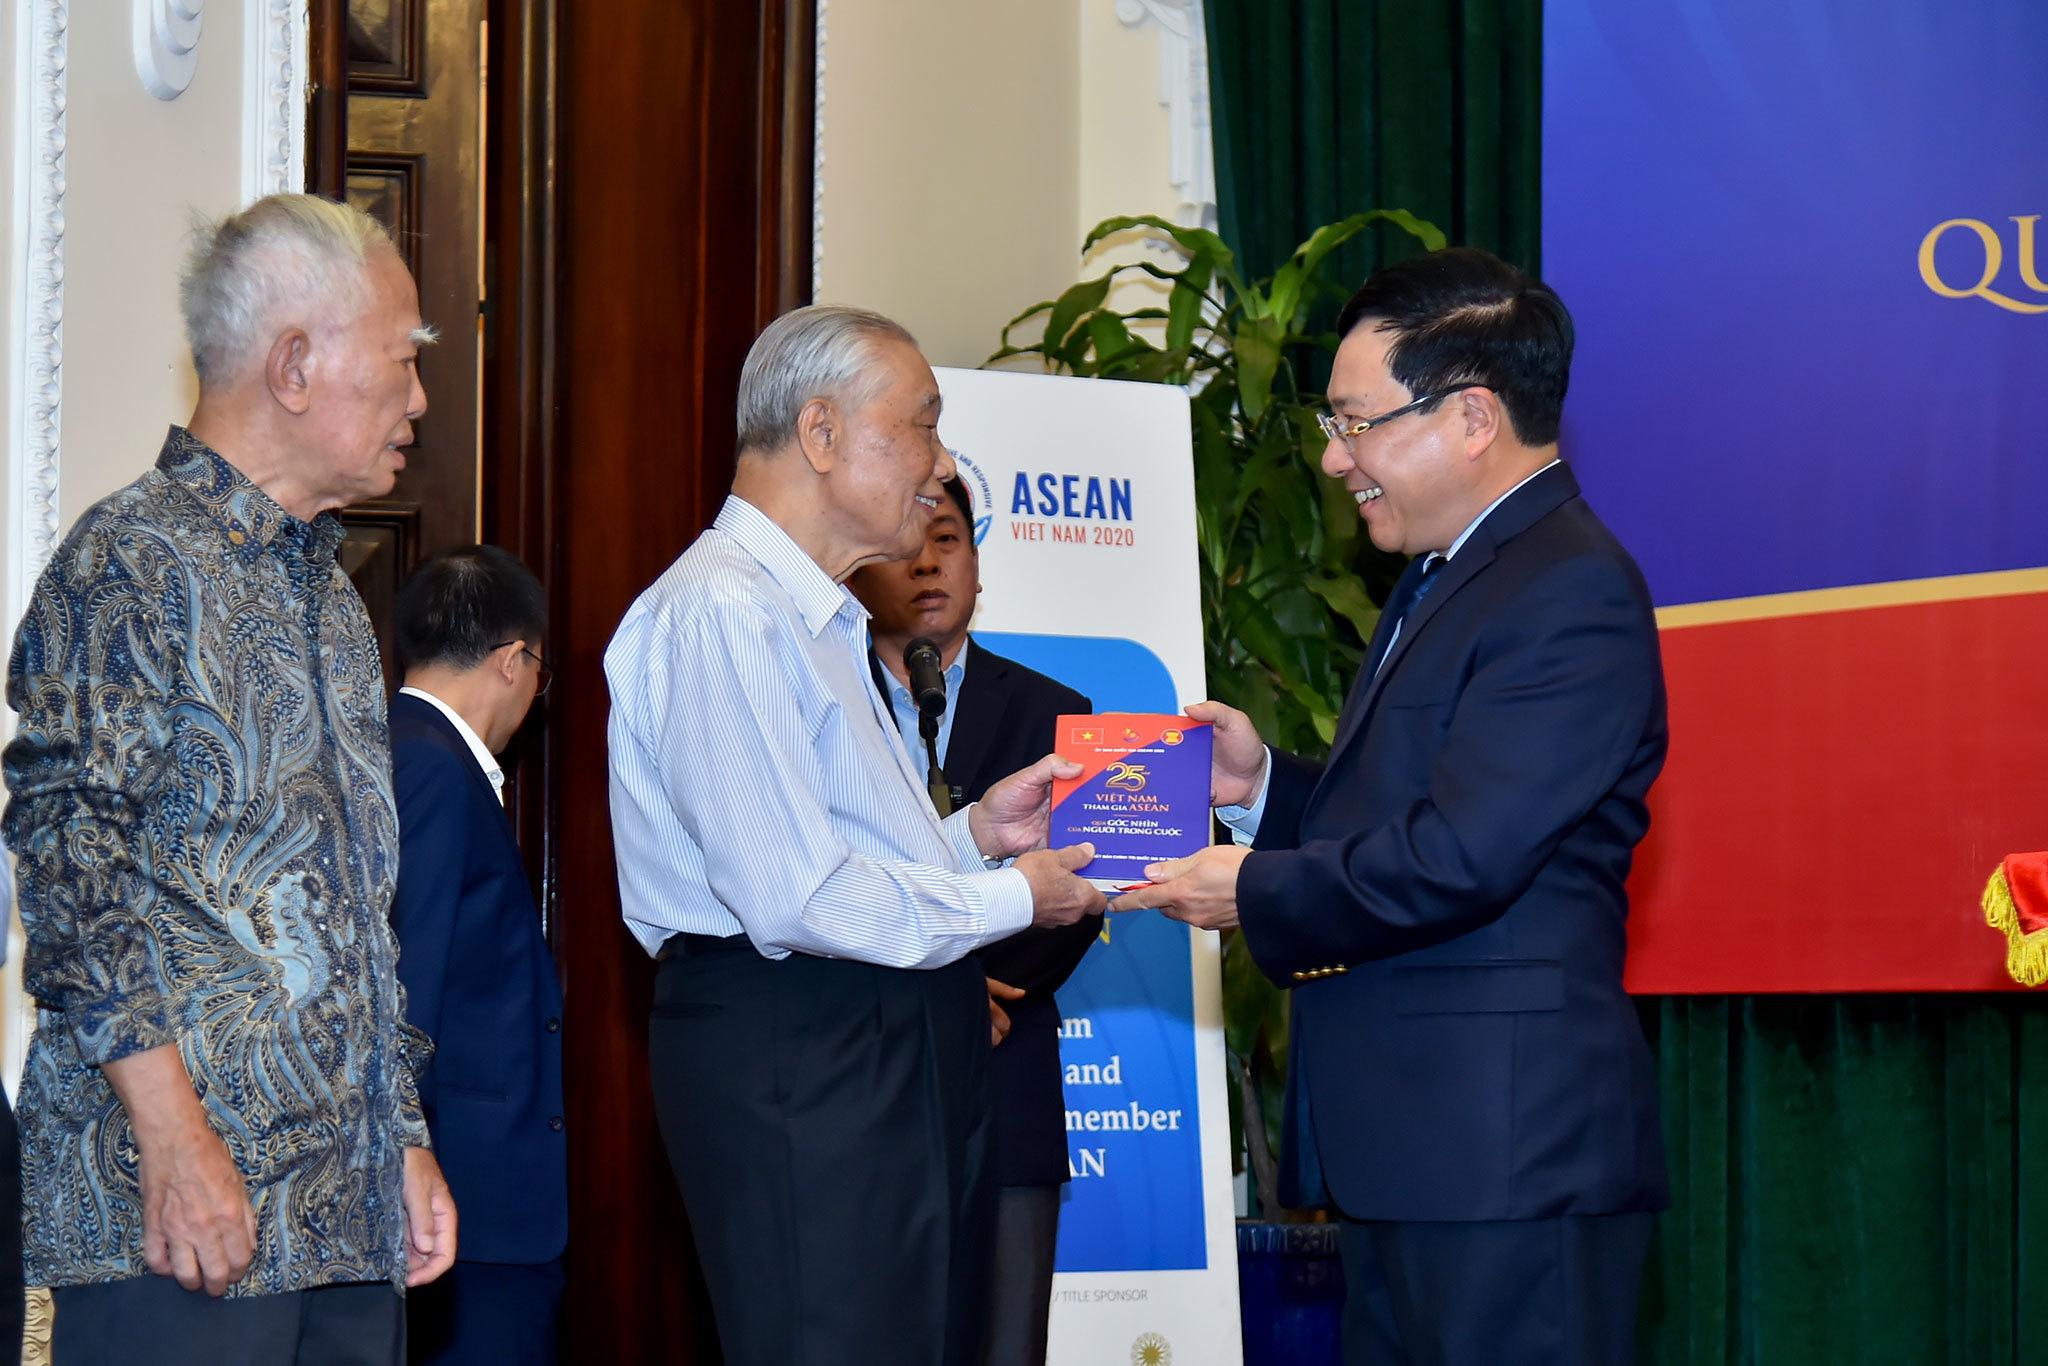 Thành công của Việt Nam để lại dấu ấn trong thành công của ASEAN